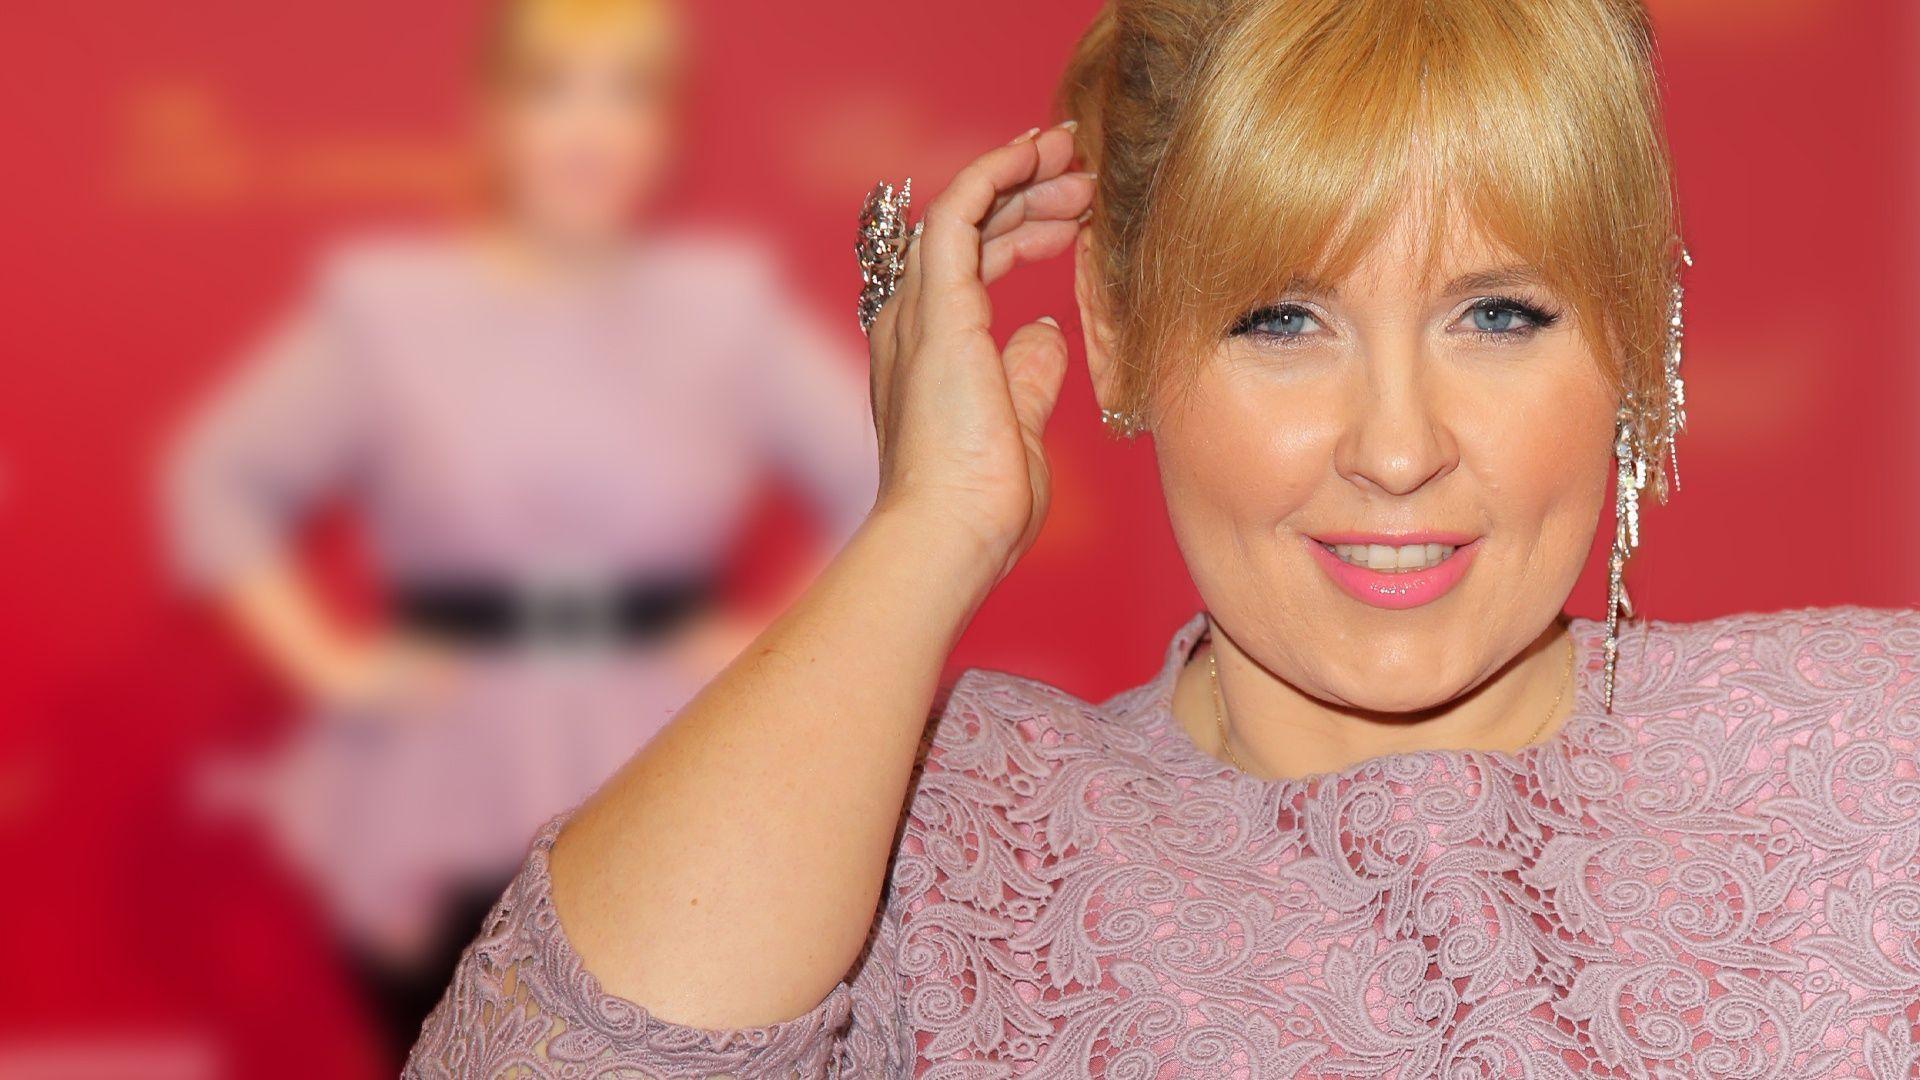 Maite Kelly In Rosa Spitze Auf Dem Roten Teppich Maite Kelly Hubsche Blondine Mode